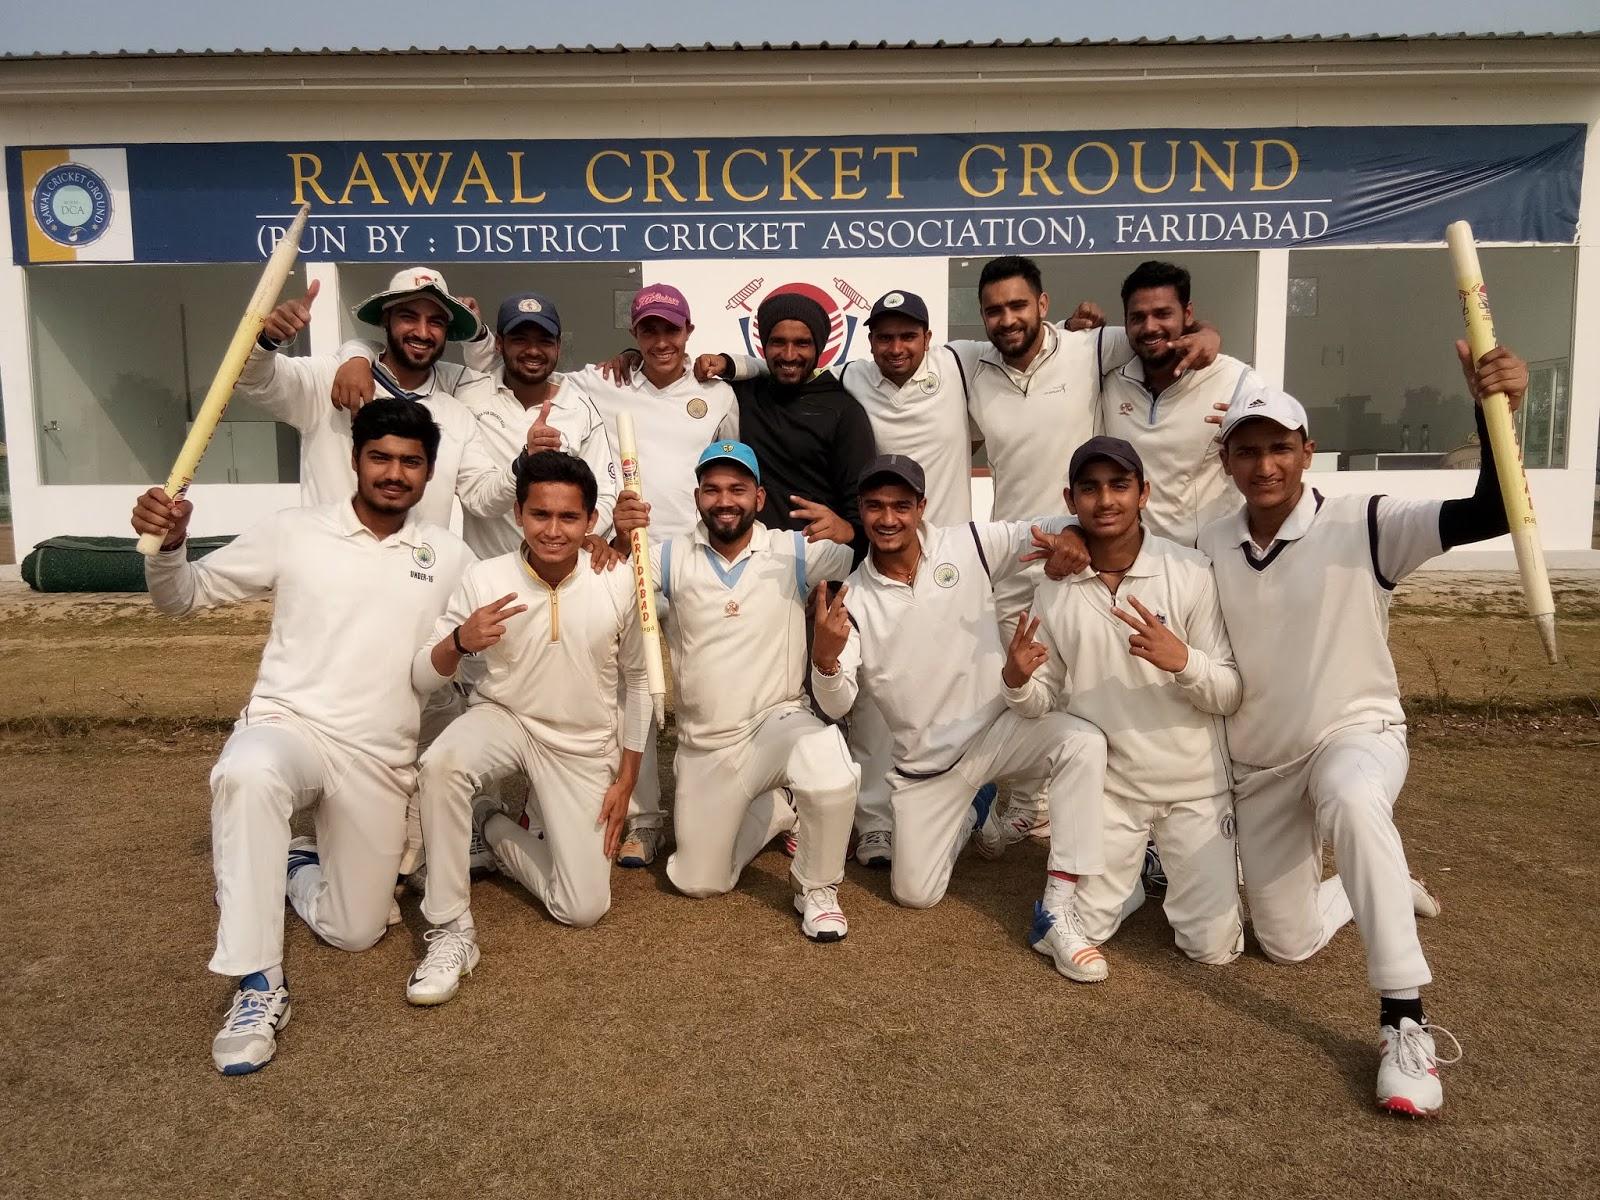 लखानी अरमान क्रिकेट क्लब ने मेवात अरावली क्रिकेट एसोसिएशन को  48 रन से हराया